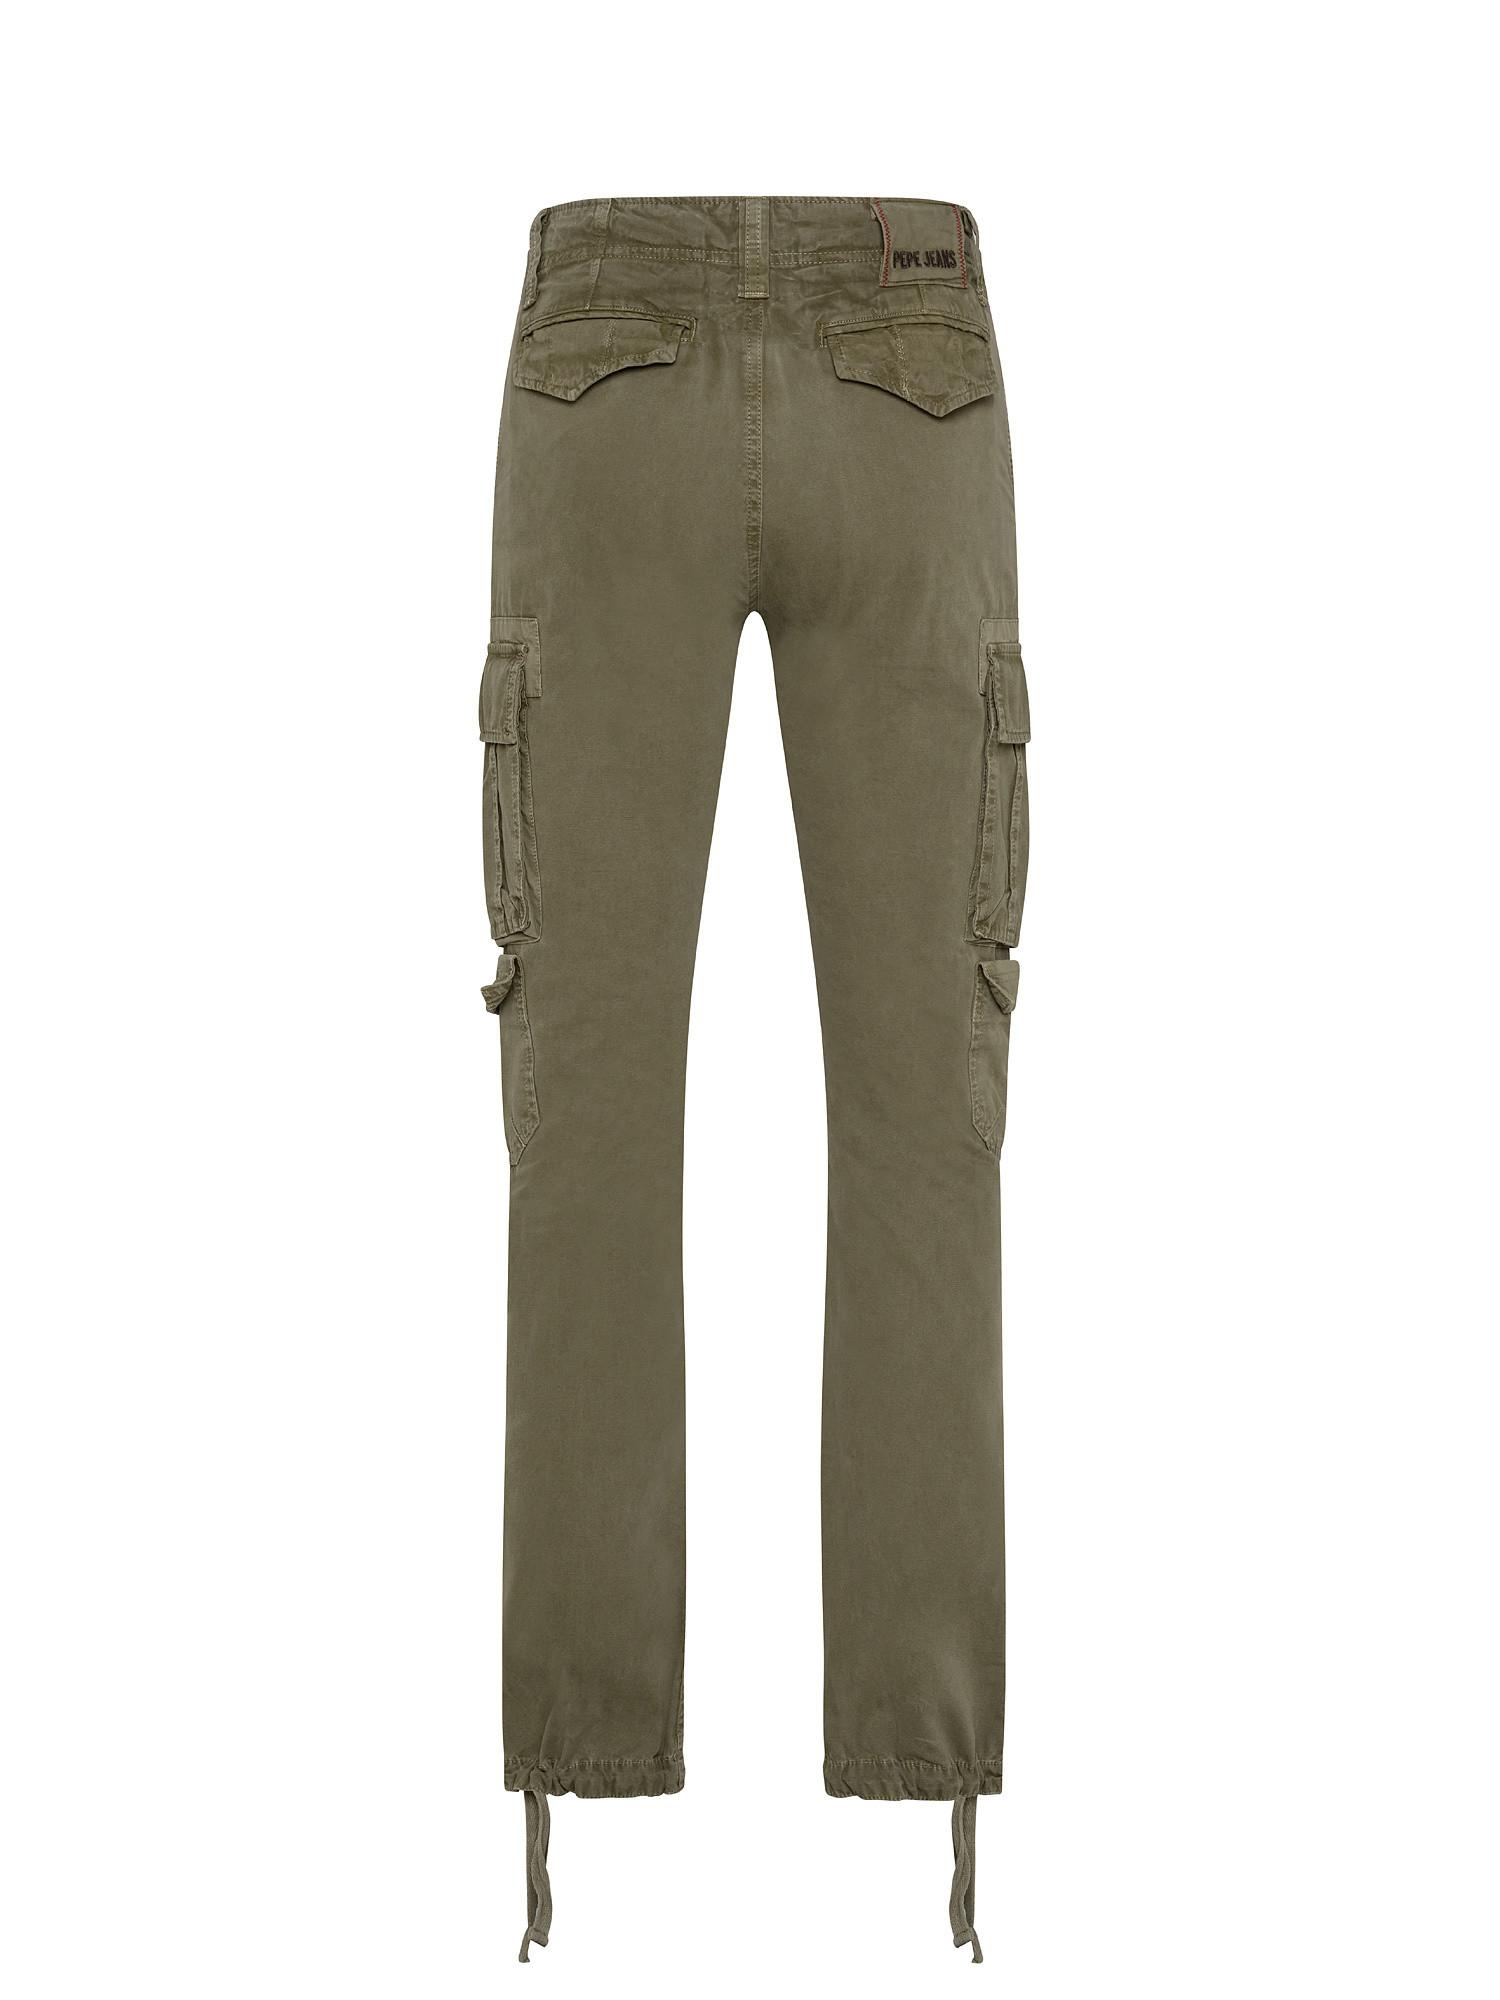 Pantalone 5 tasche, Verde, large image number 1